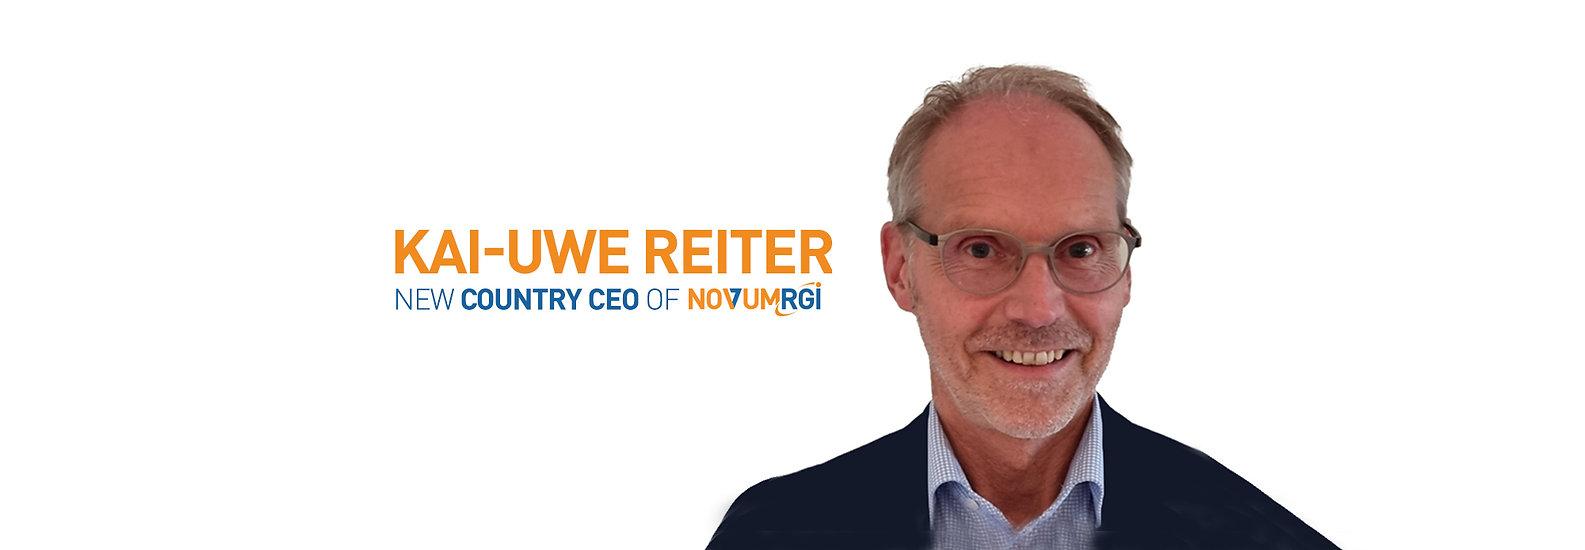 Slider-new-CEO-Kai-Uwe-Reiter-(007).jpg